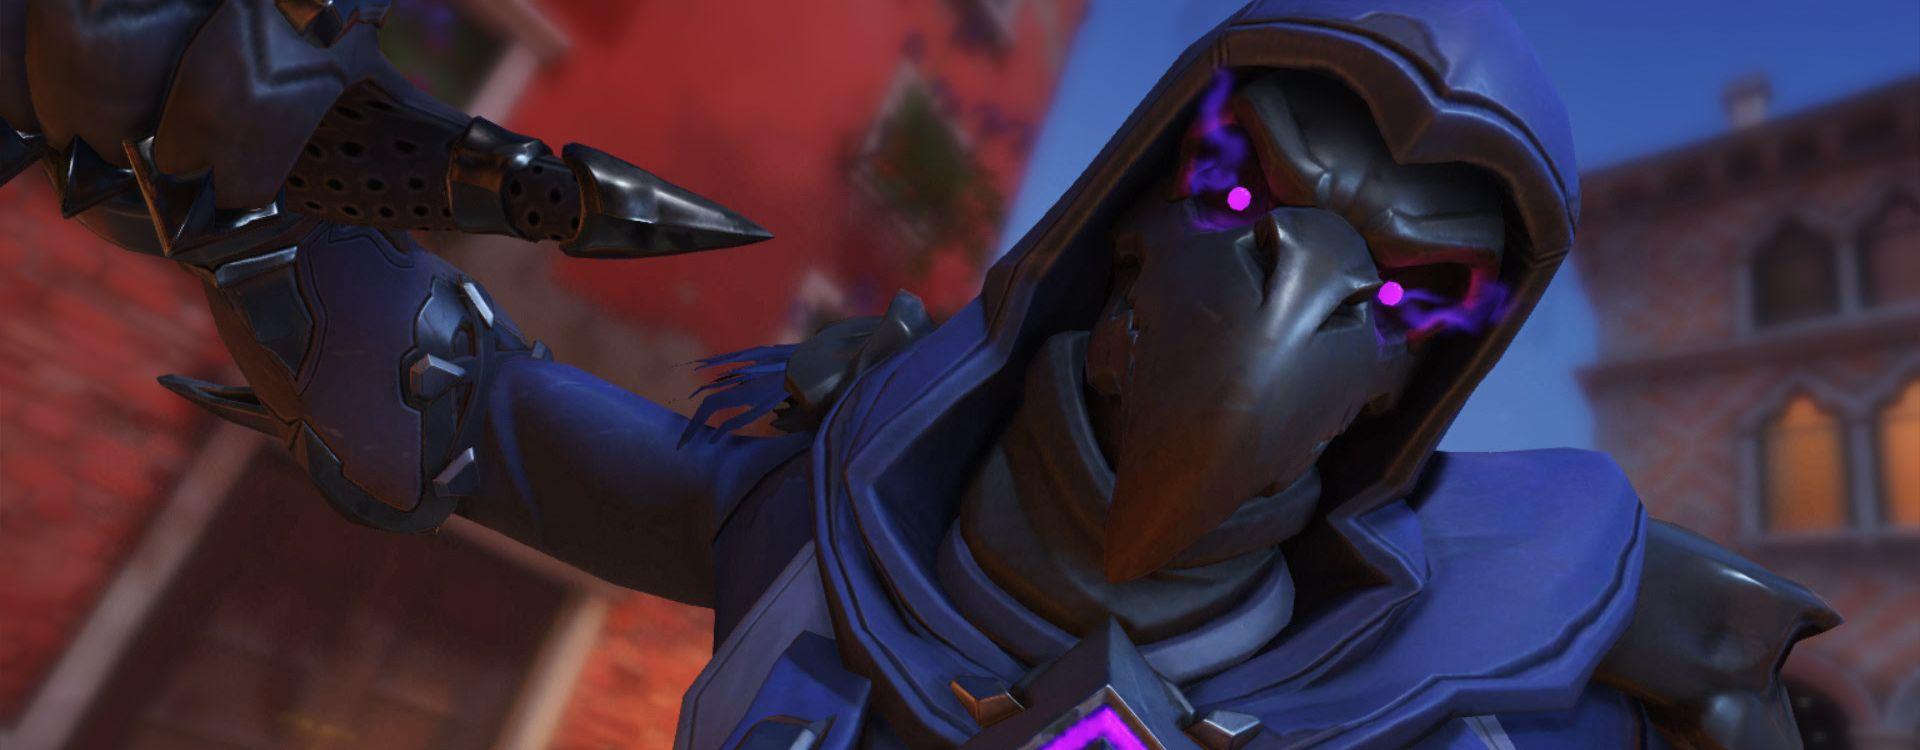 Der neue Spielmodus in Overwatch 2 könnte unbeliebte Helden fördern